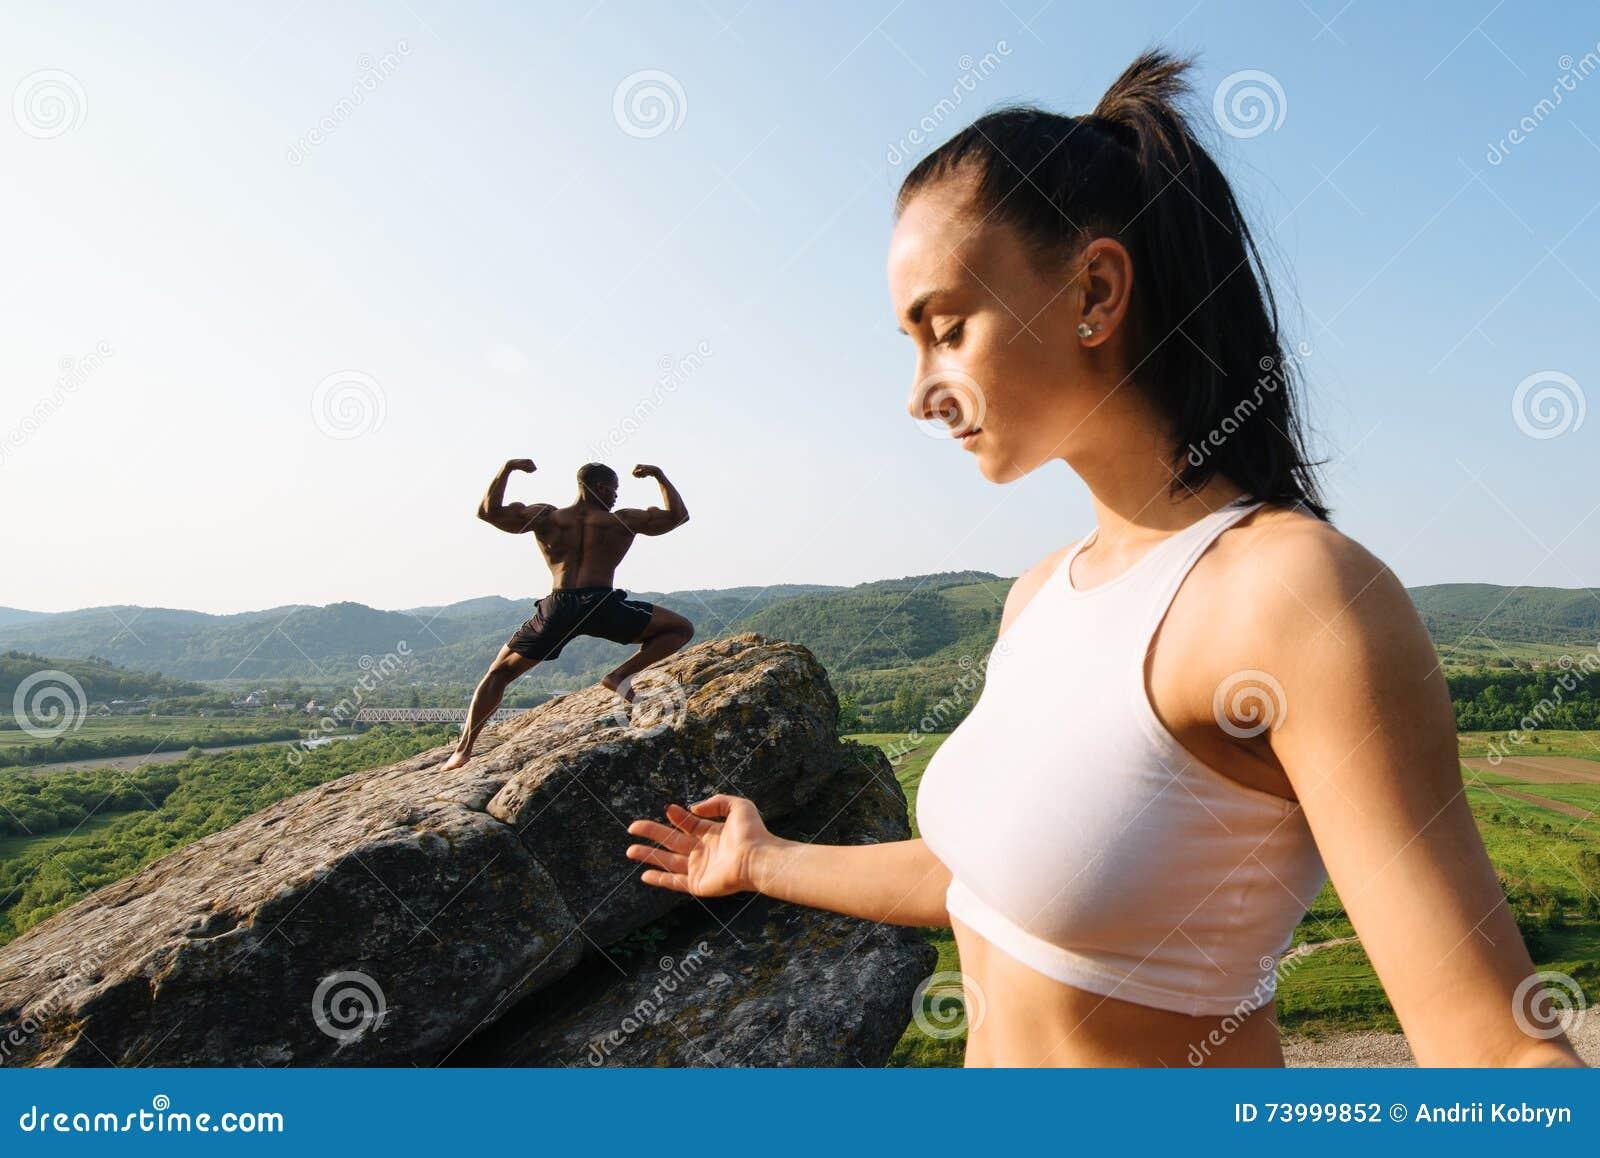 Man Seeking Brunette African Woman Appreciate